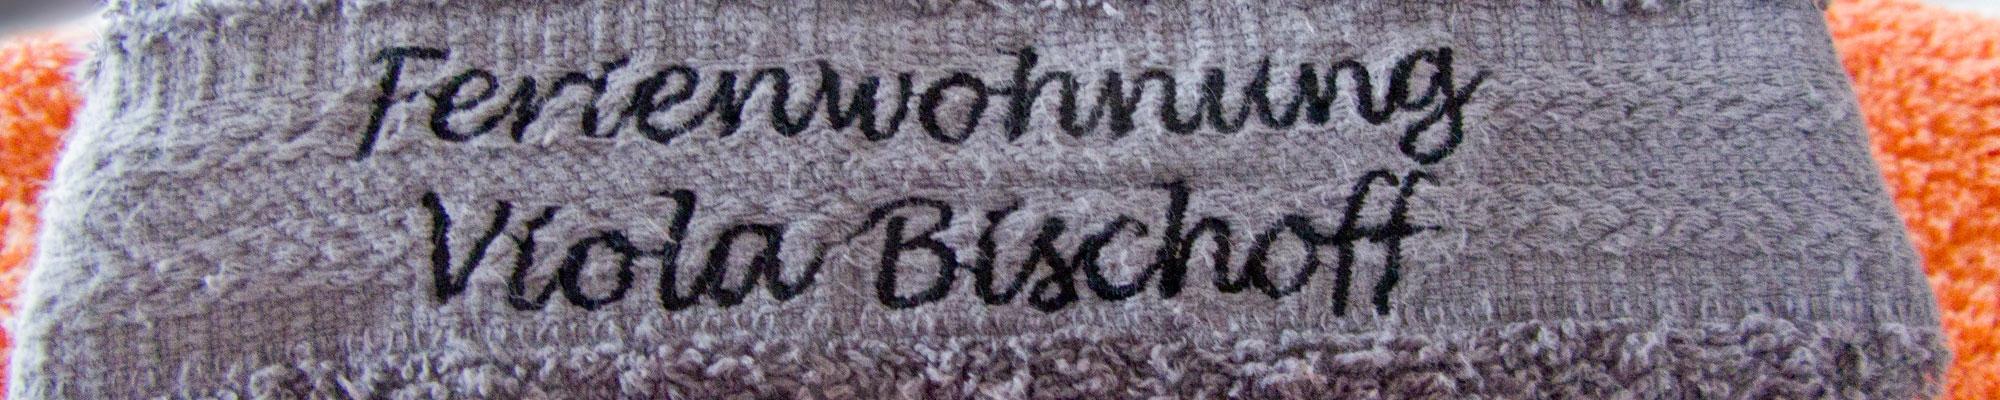 Spreewald Ferienwohnung Viola Bischoff